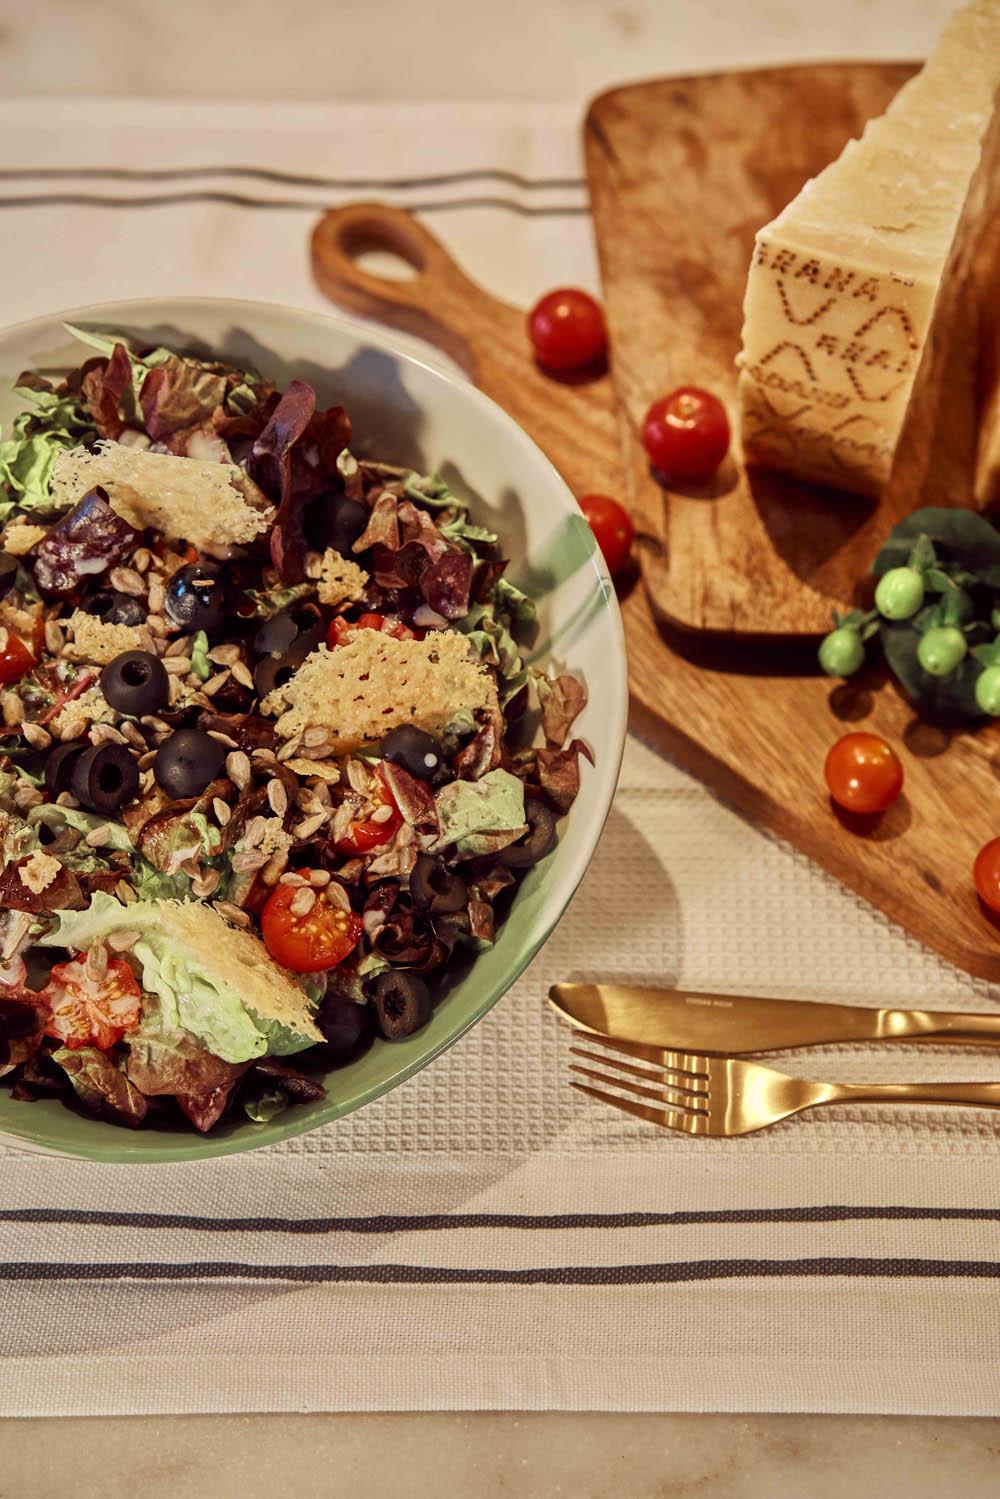 Ensalada de primavera con crackers de Grana Padano, una receta ligera y deliciosa, ideal para el buen tiempo. Créditos: mantel y tabla de madera de Zara Home.